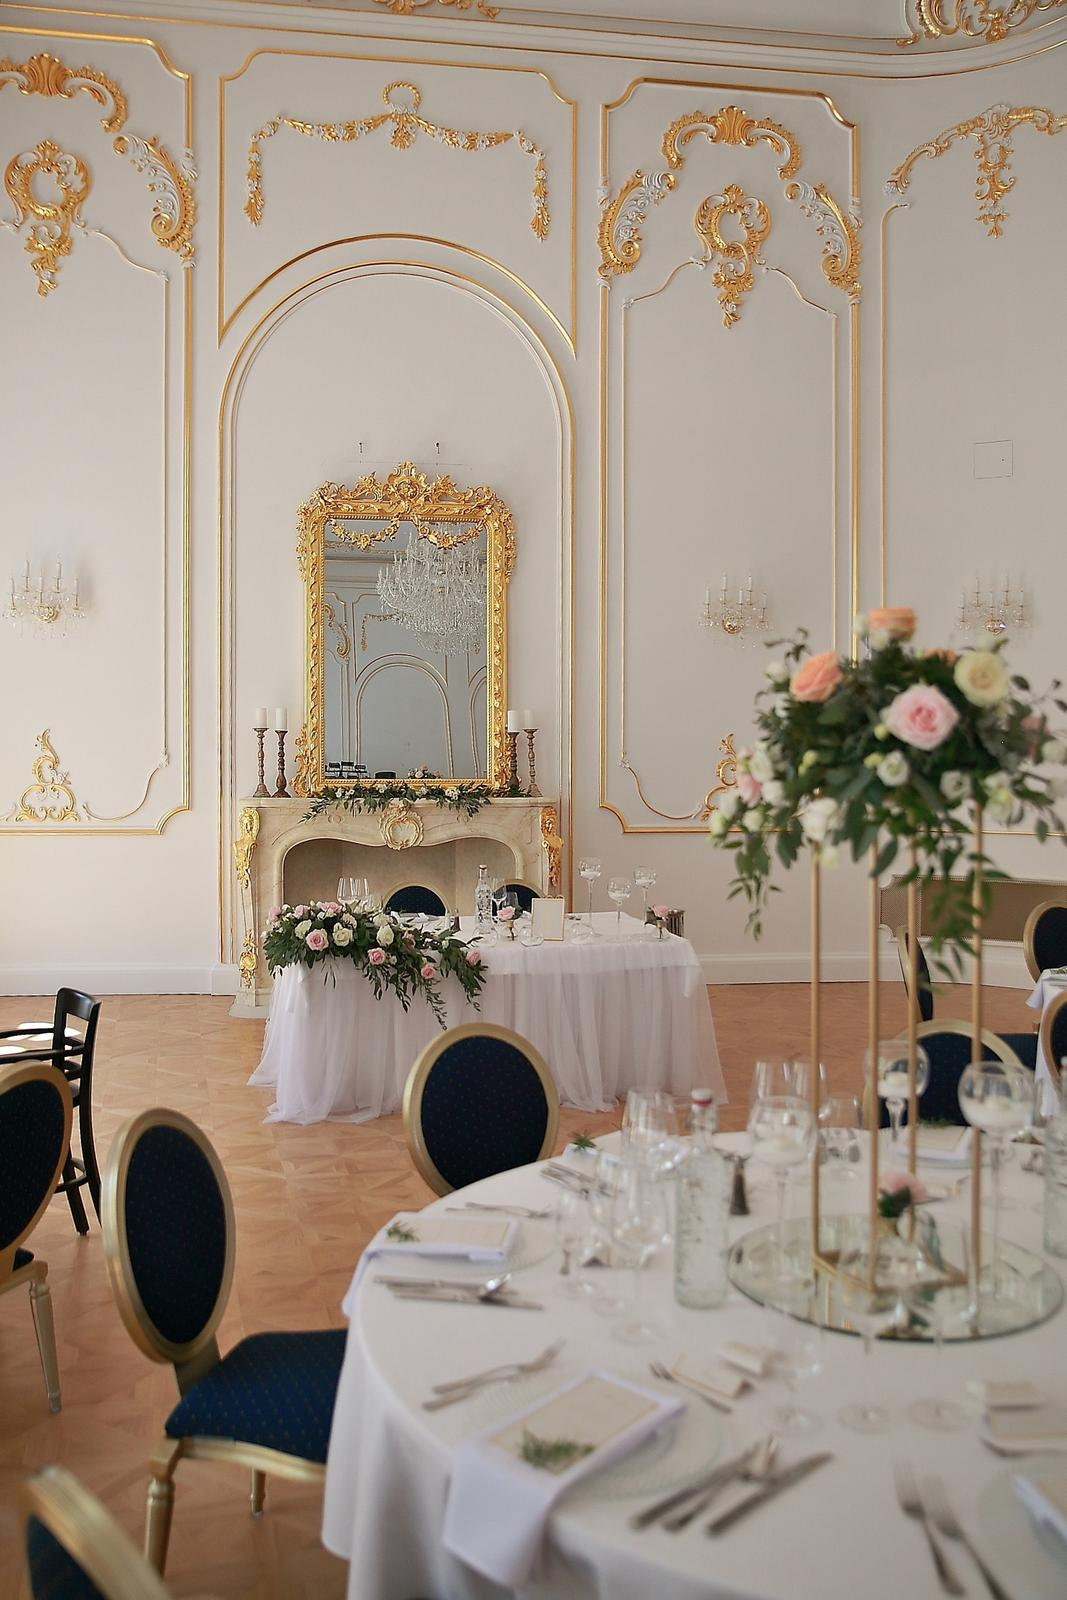 Svadobné dekorácie - požičovňa svadobných dekor. - Obrázok č. 4